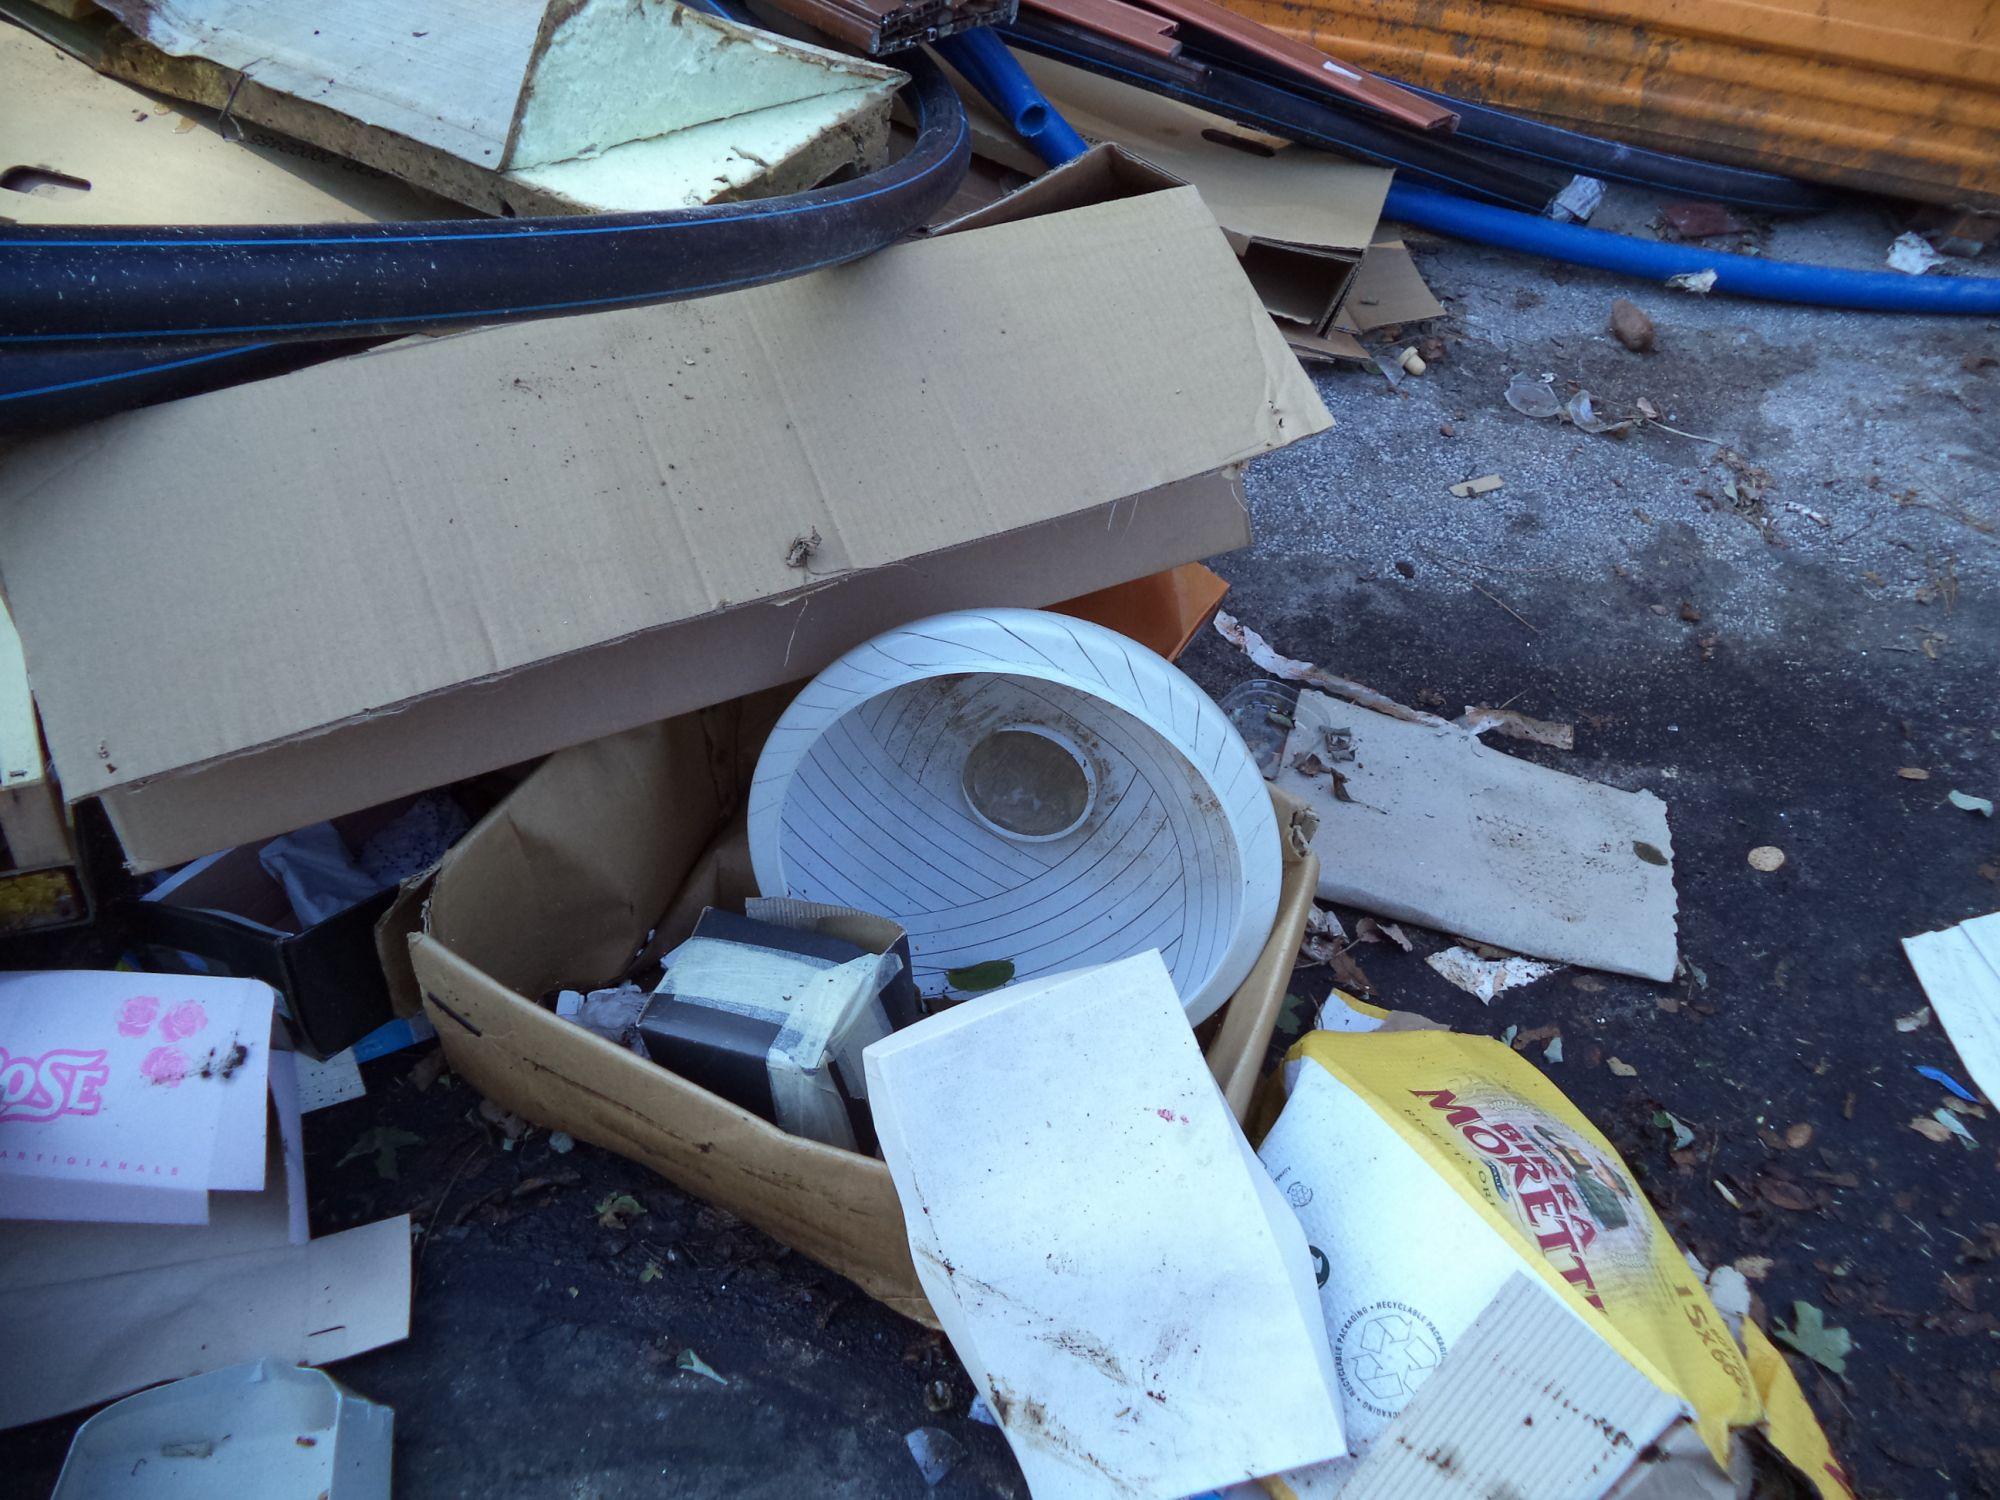 Fare Verde Versilia non si ferma: ennesima discarica abusiva nella zona industriale di Cotone a Viareggio